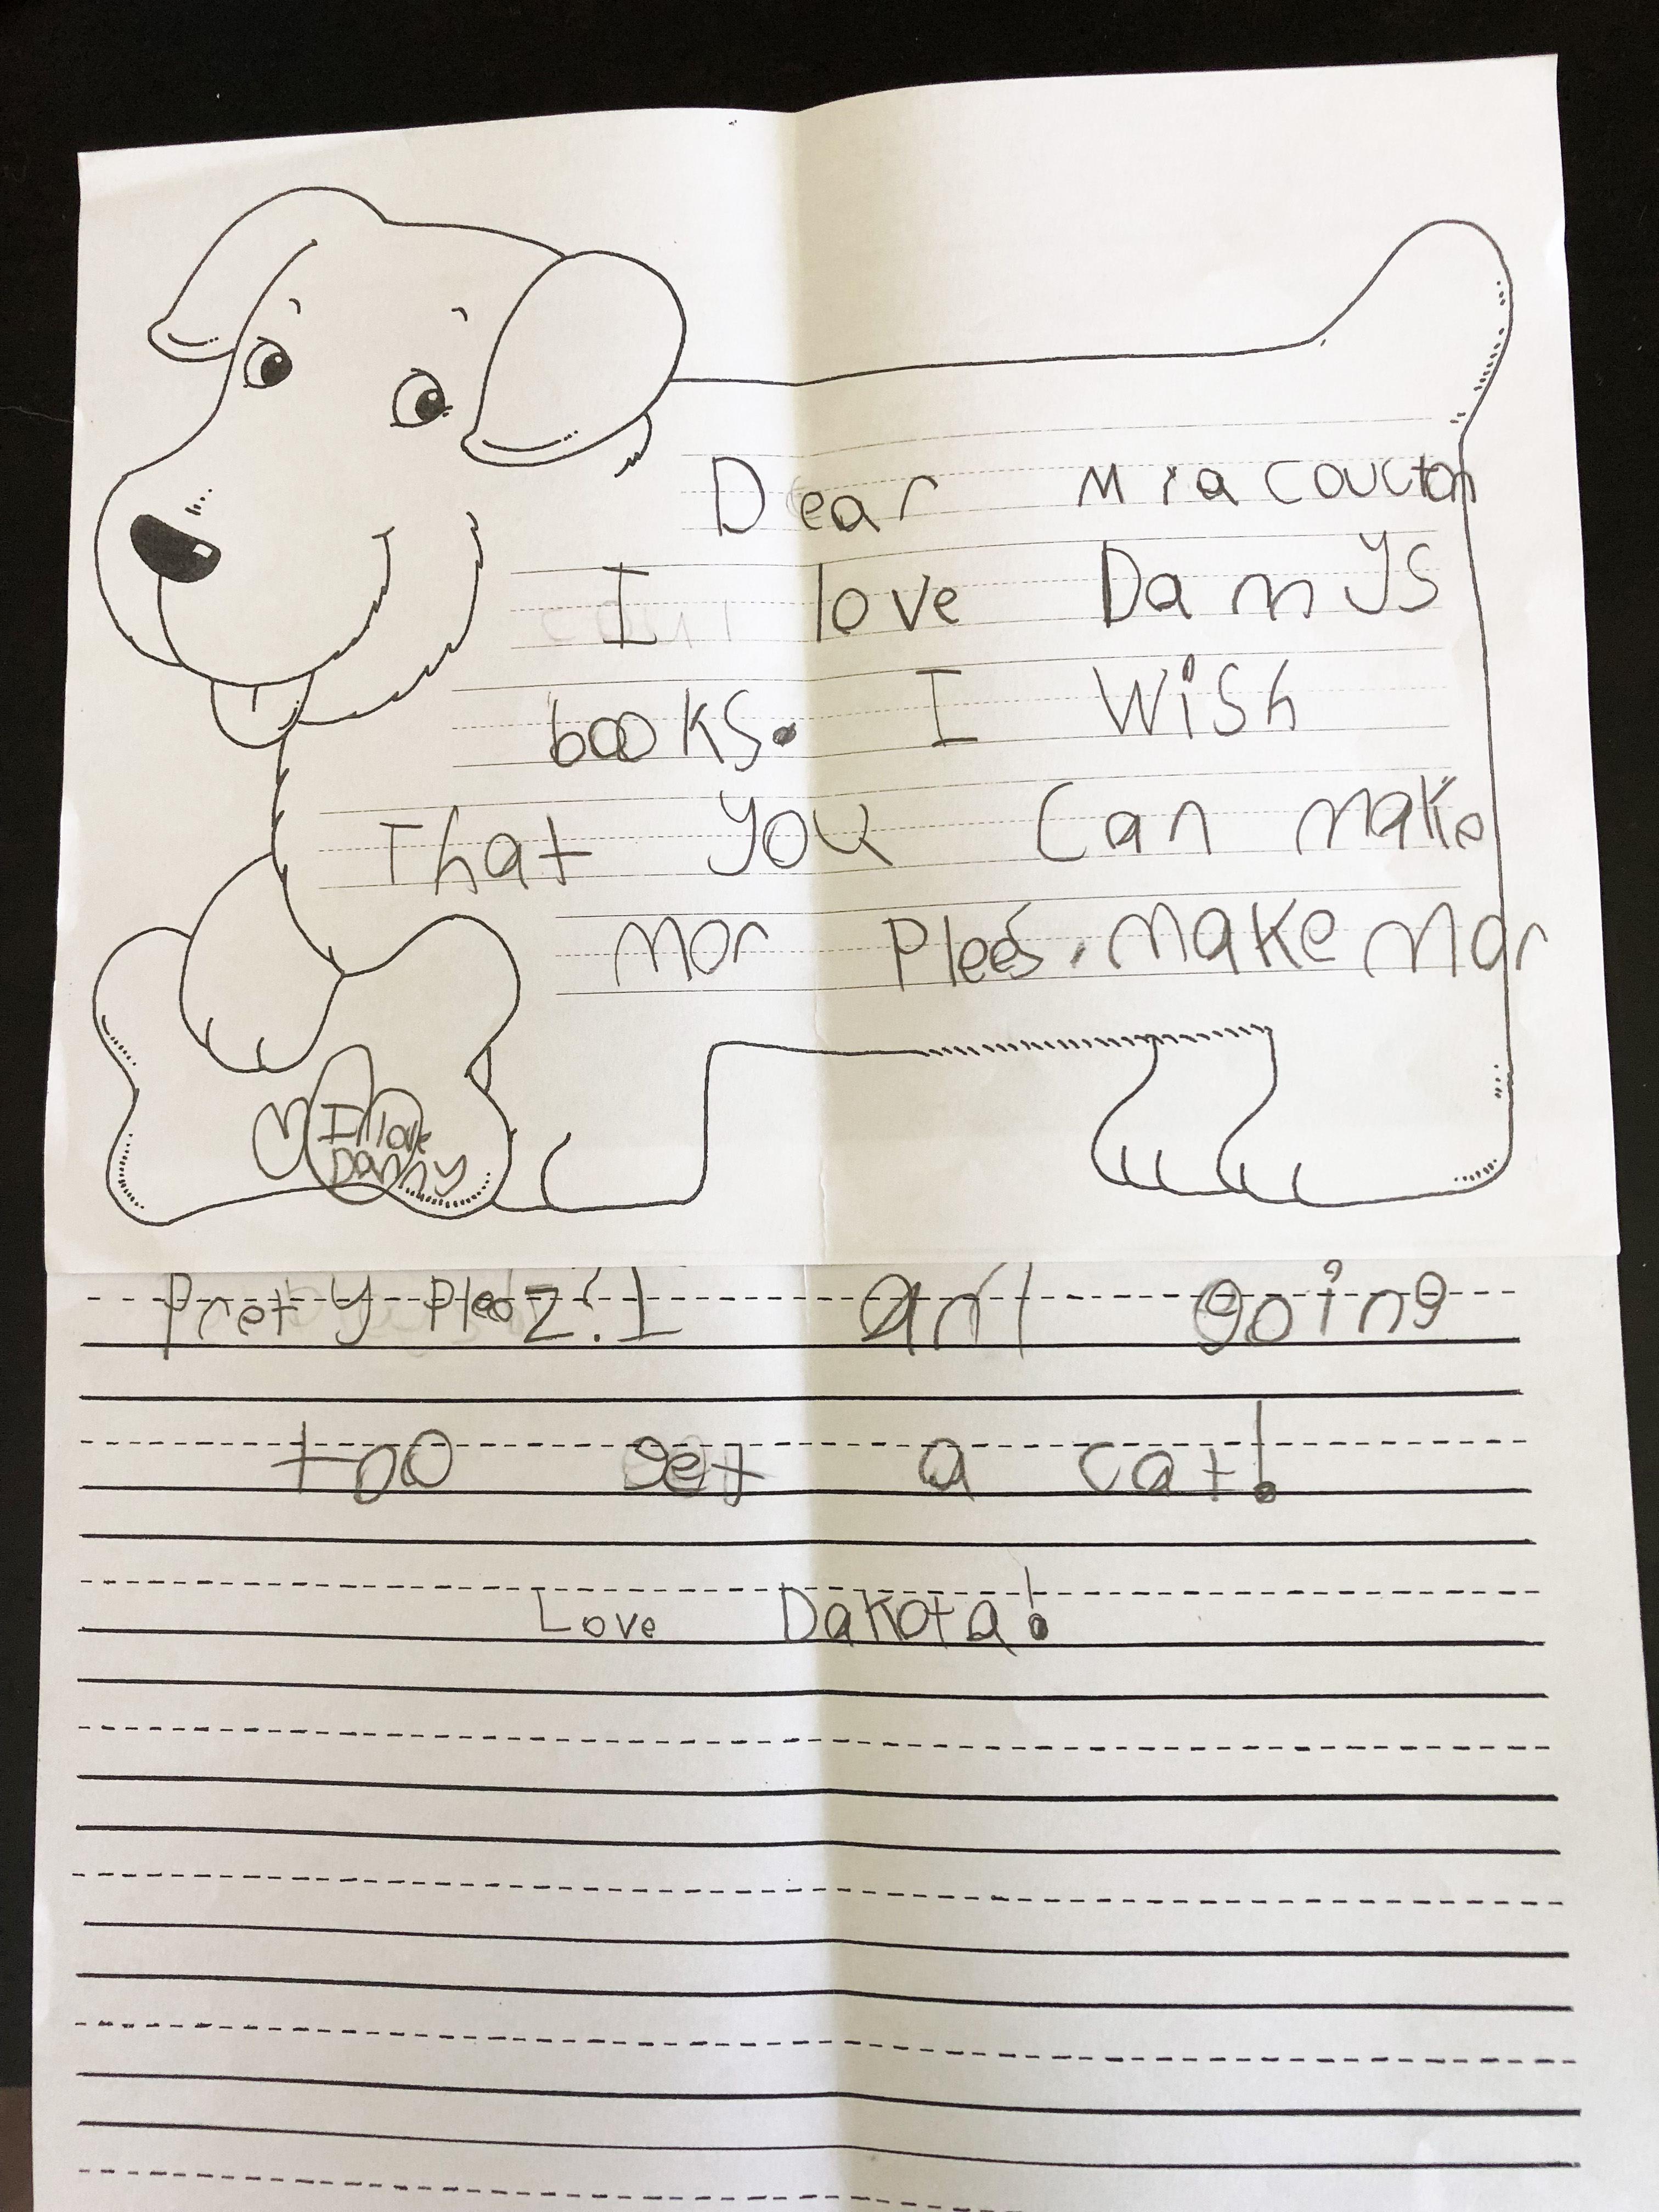 1st grader, Dakota, loves MaryRuth Books